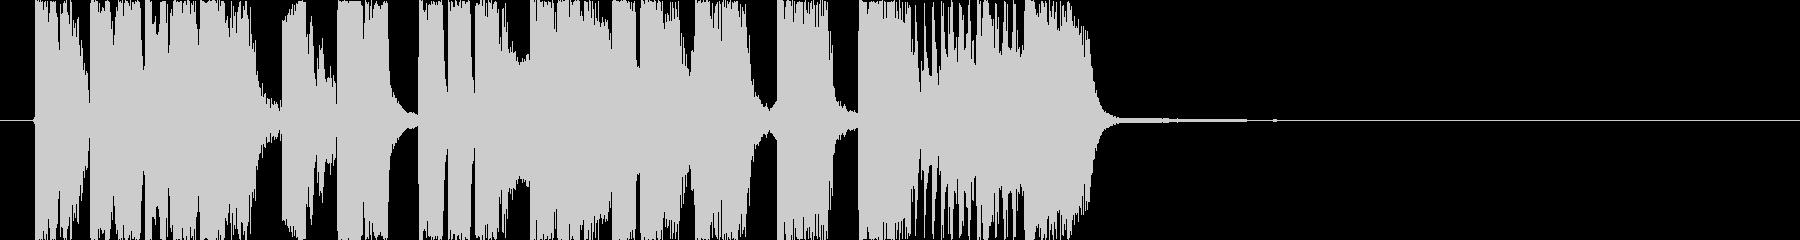 ラジオの切り替わり時などを想定した、軽…の未再生の波形